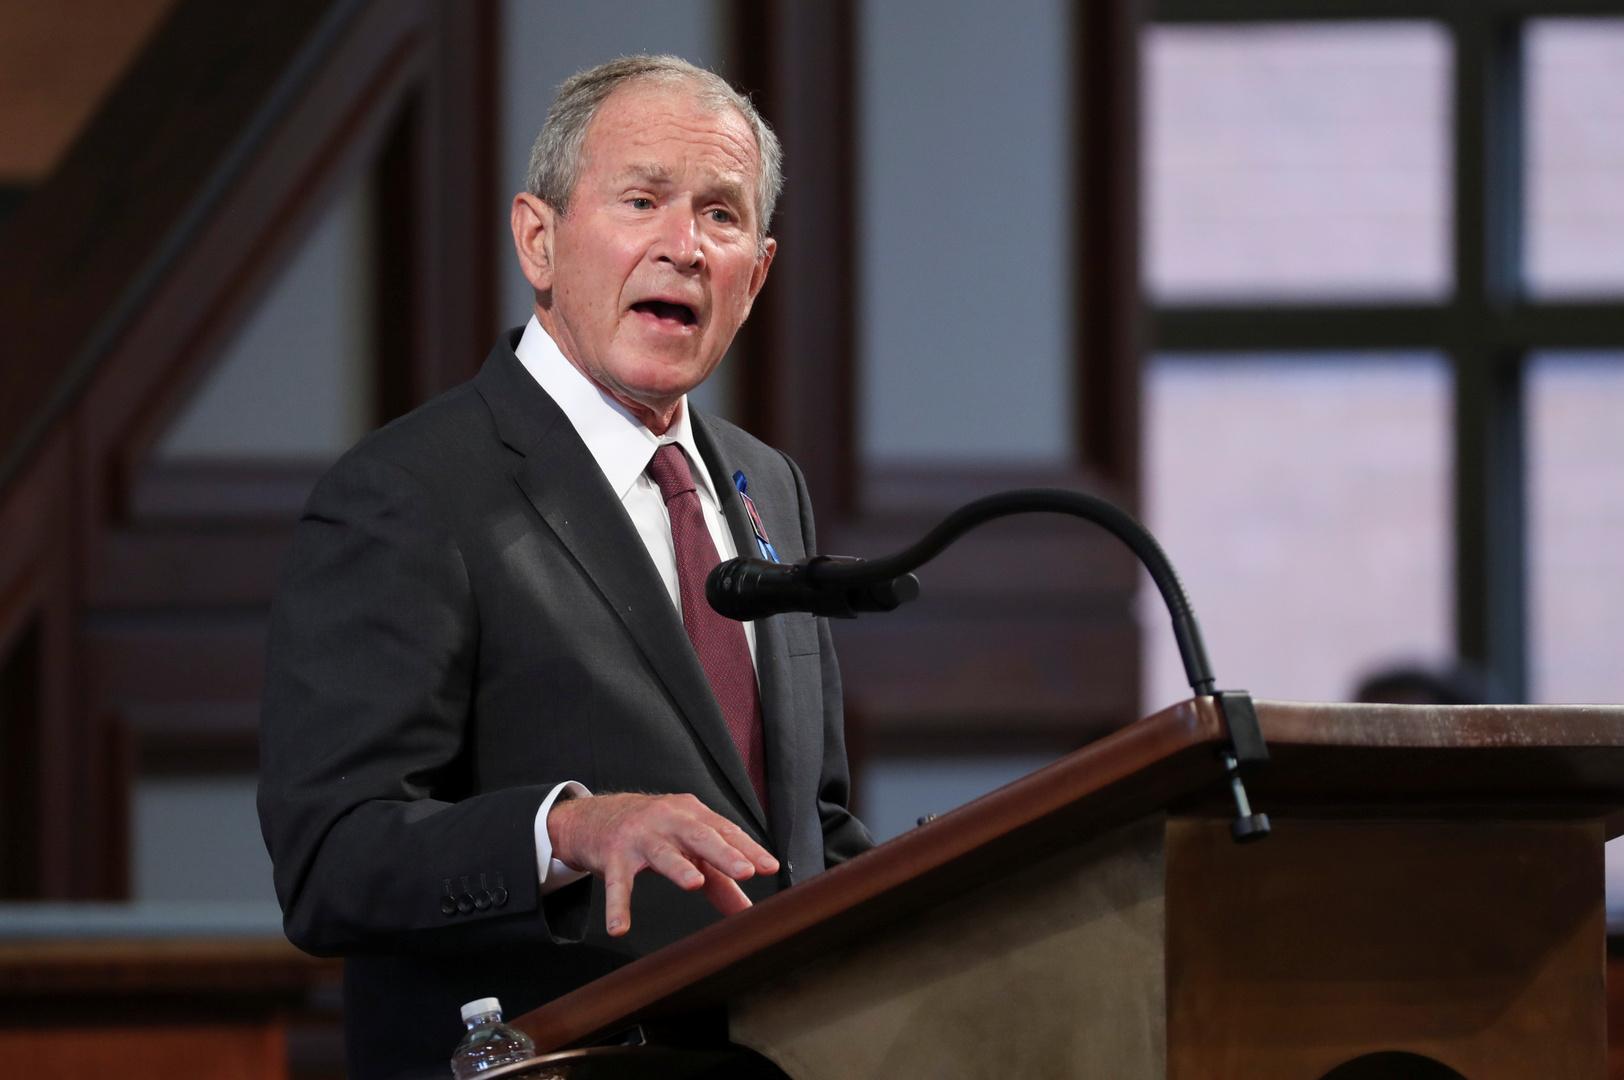 جورج بوش يدين اقتحام الكابيتول: مشهد مقزز ومفجع